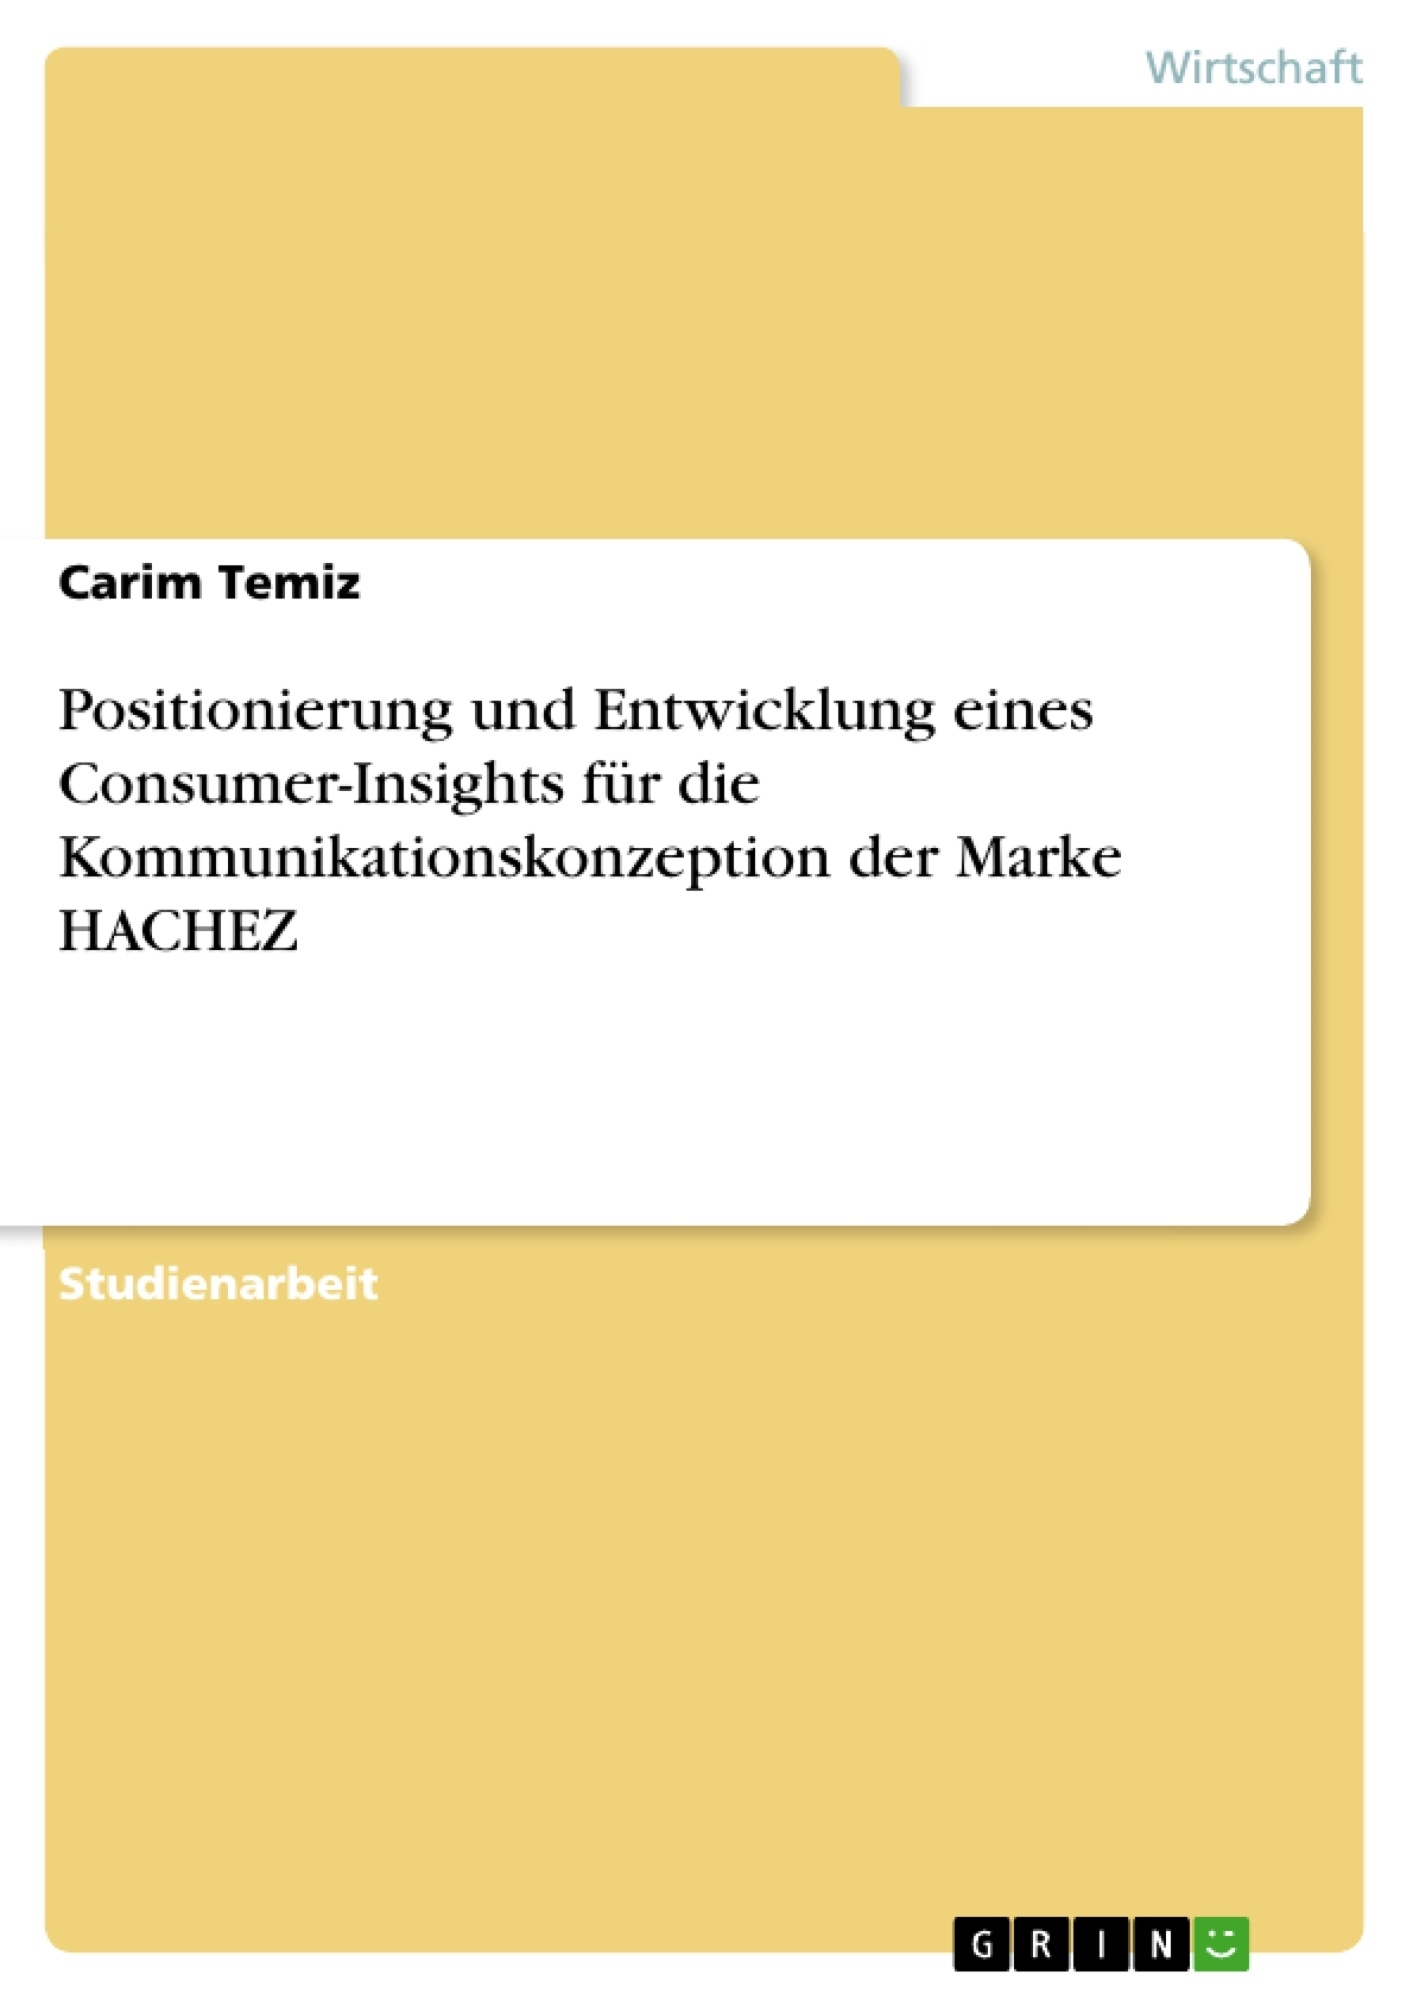 Titel: Positionierung und Entwicklung eines Consumer-Insights für die Kommunikationskonzeption der Marke HACHEZ